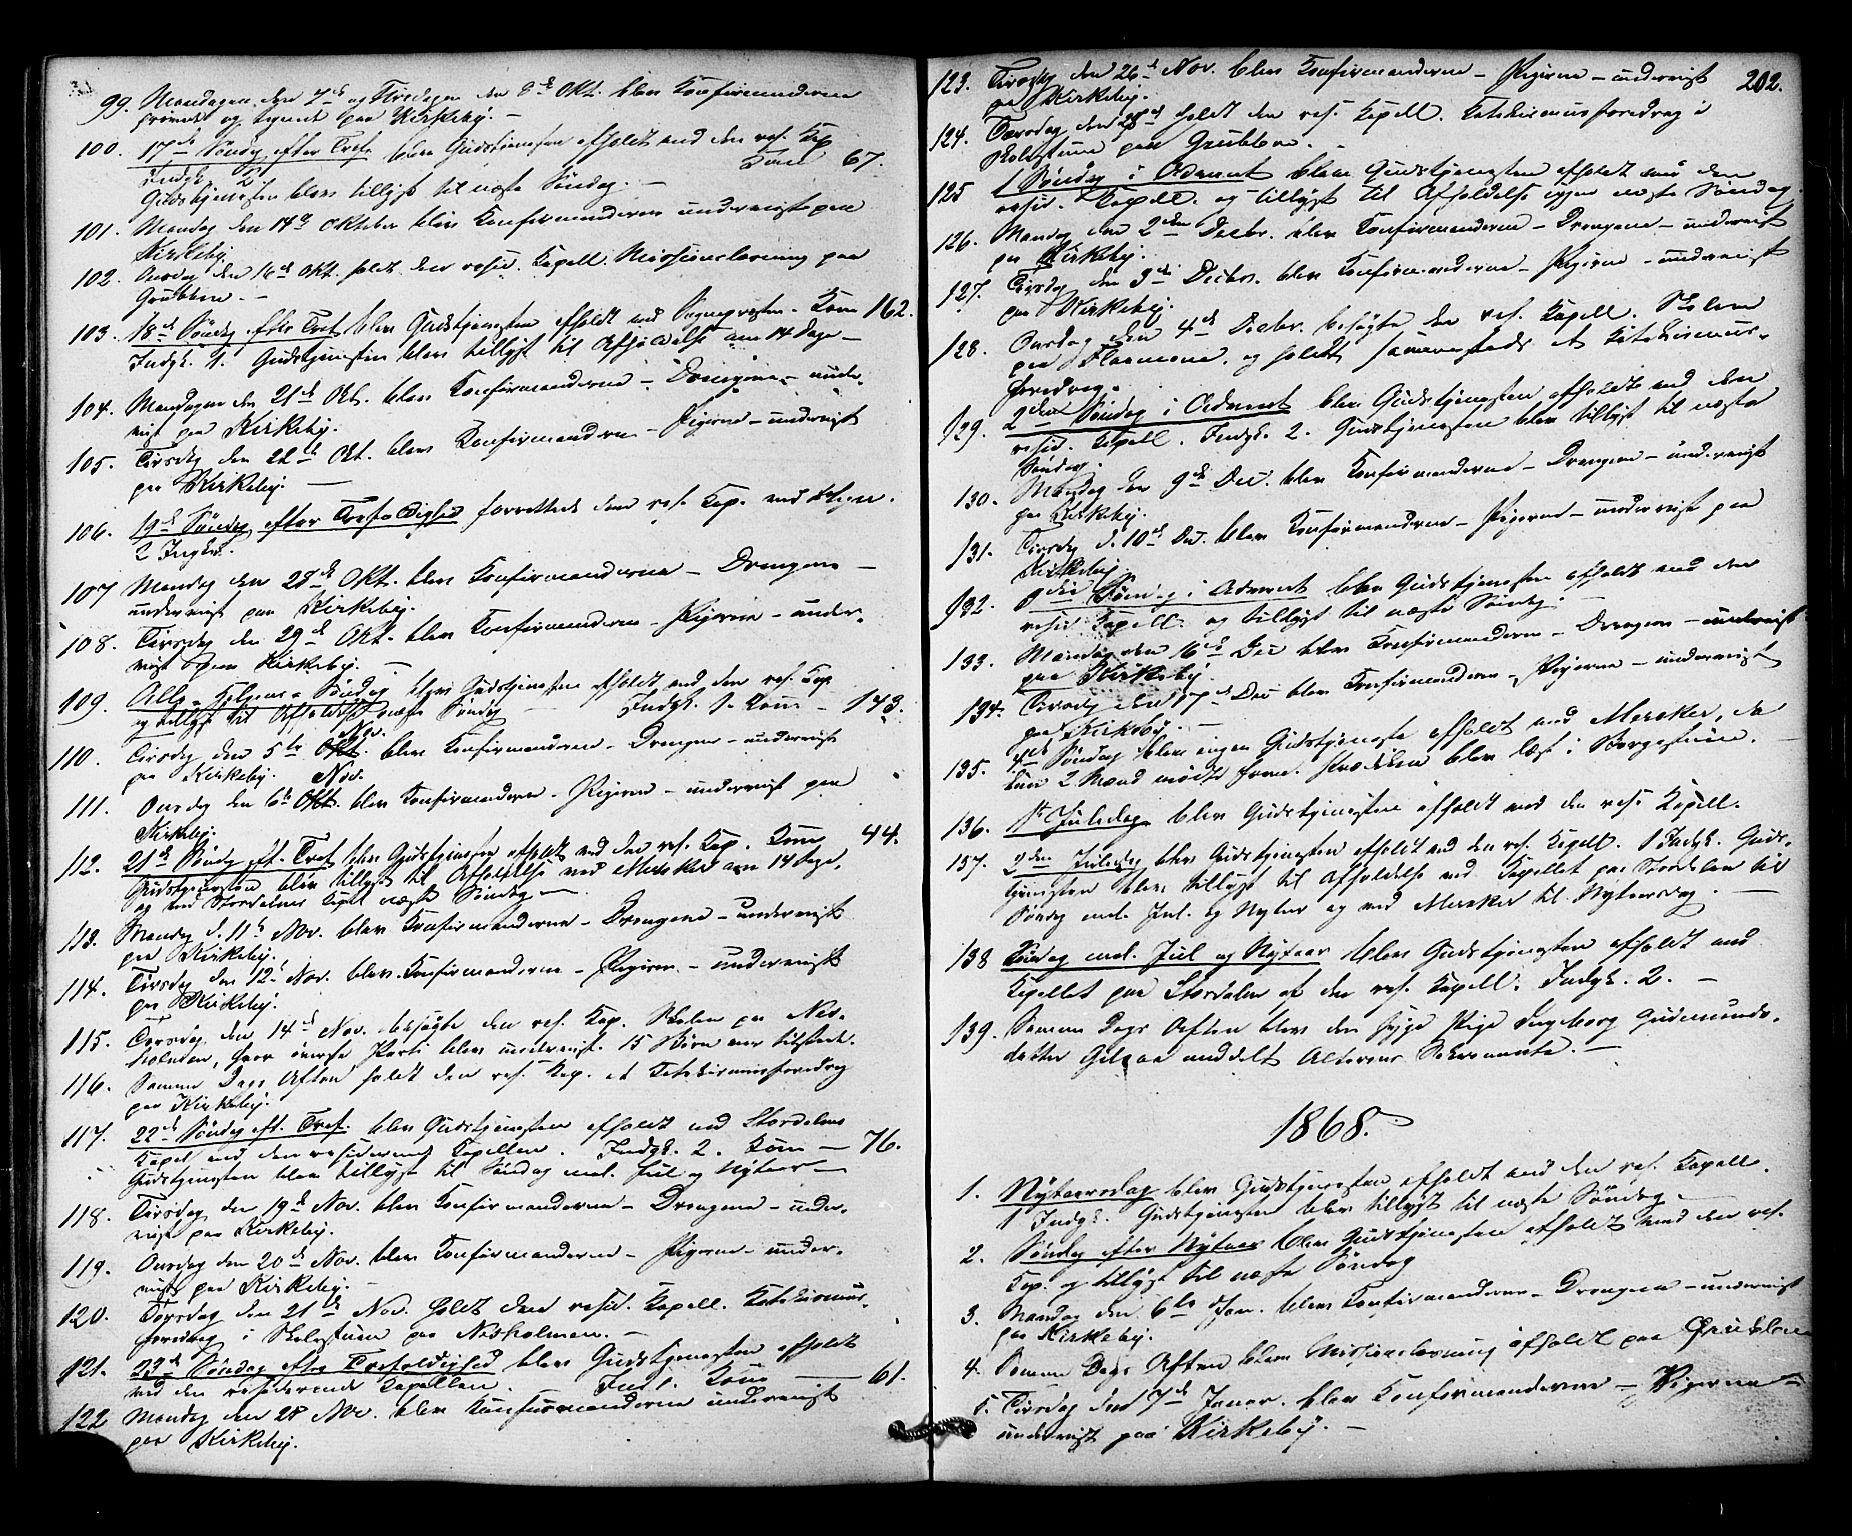 SAT, Ministerialprotokoller, klokkerbøker og fødselsregistre - Nord-Trøndelag, 706/L0041: Ministerialbok nr. 706A02, 1862-1877, s. 202